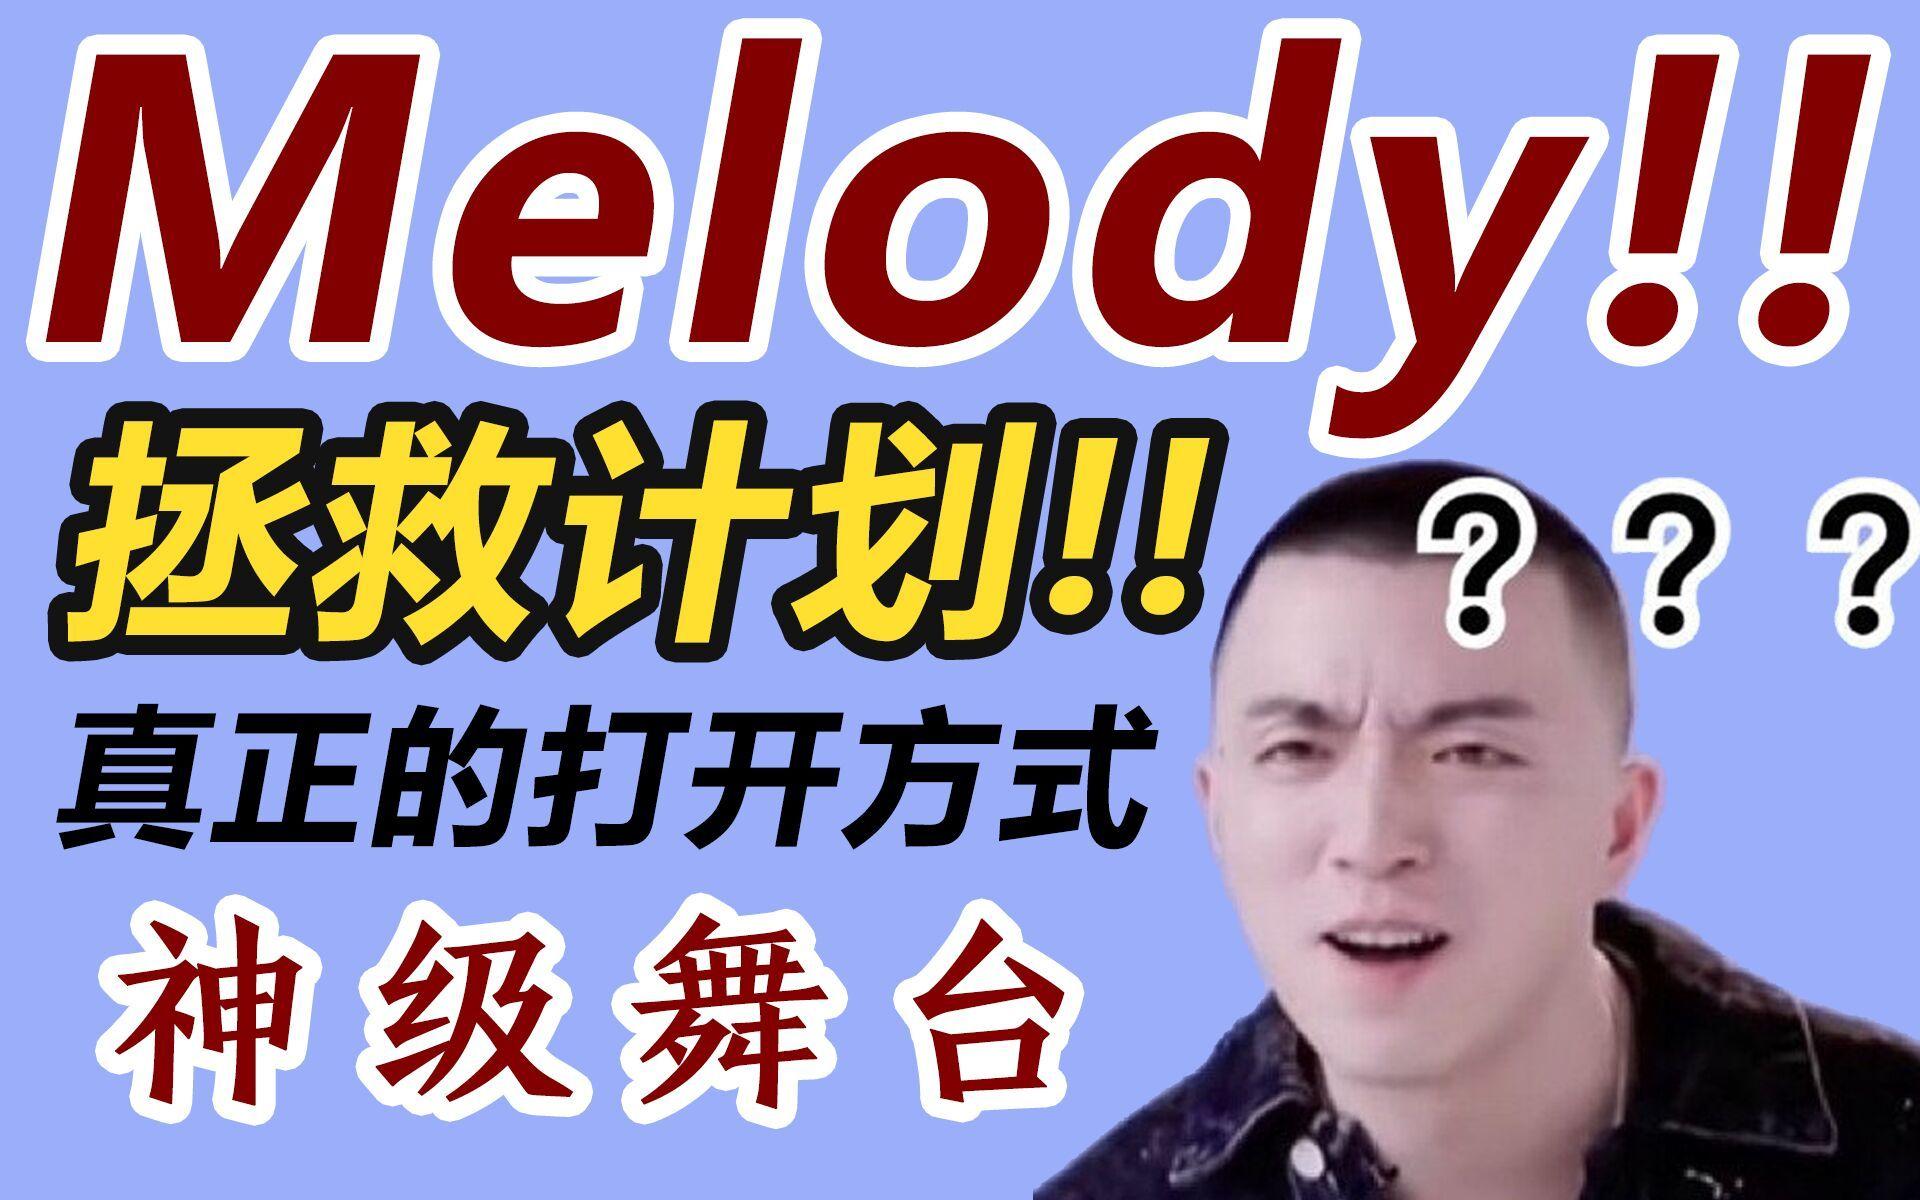 【青春有你2】拯救Melody死亡Rap,唱成这样会成为神级舞台吧!